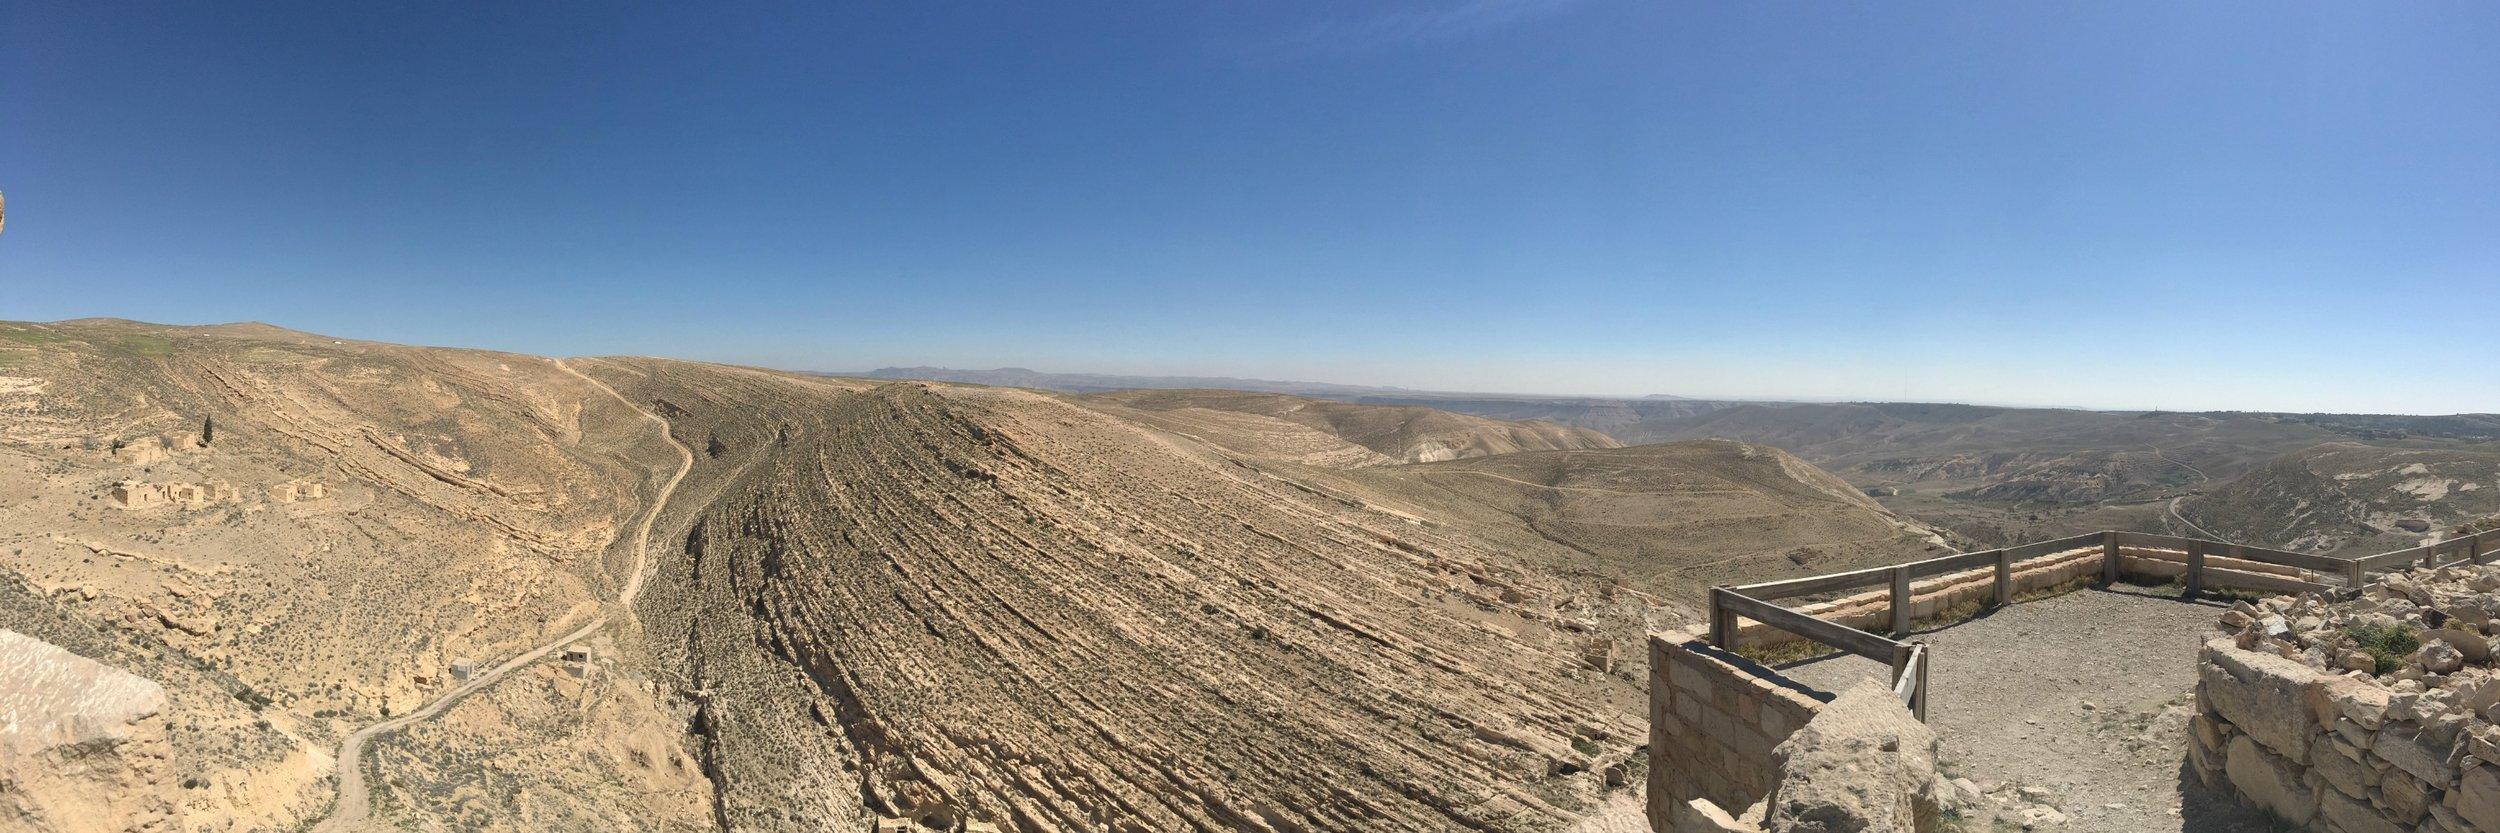 Jordan Road Trip Kings Highway.jpg